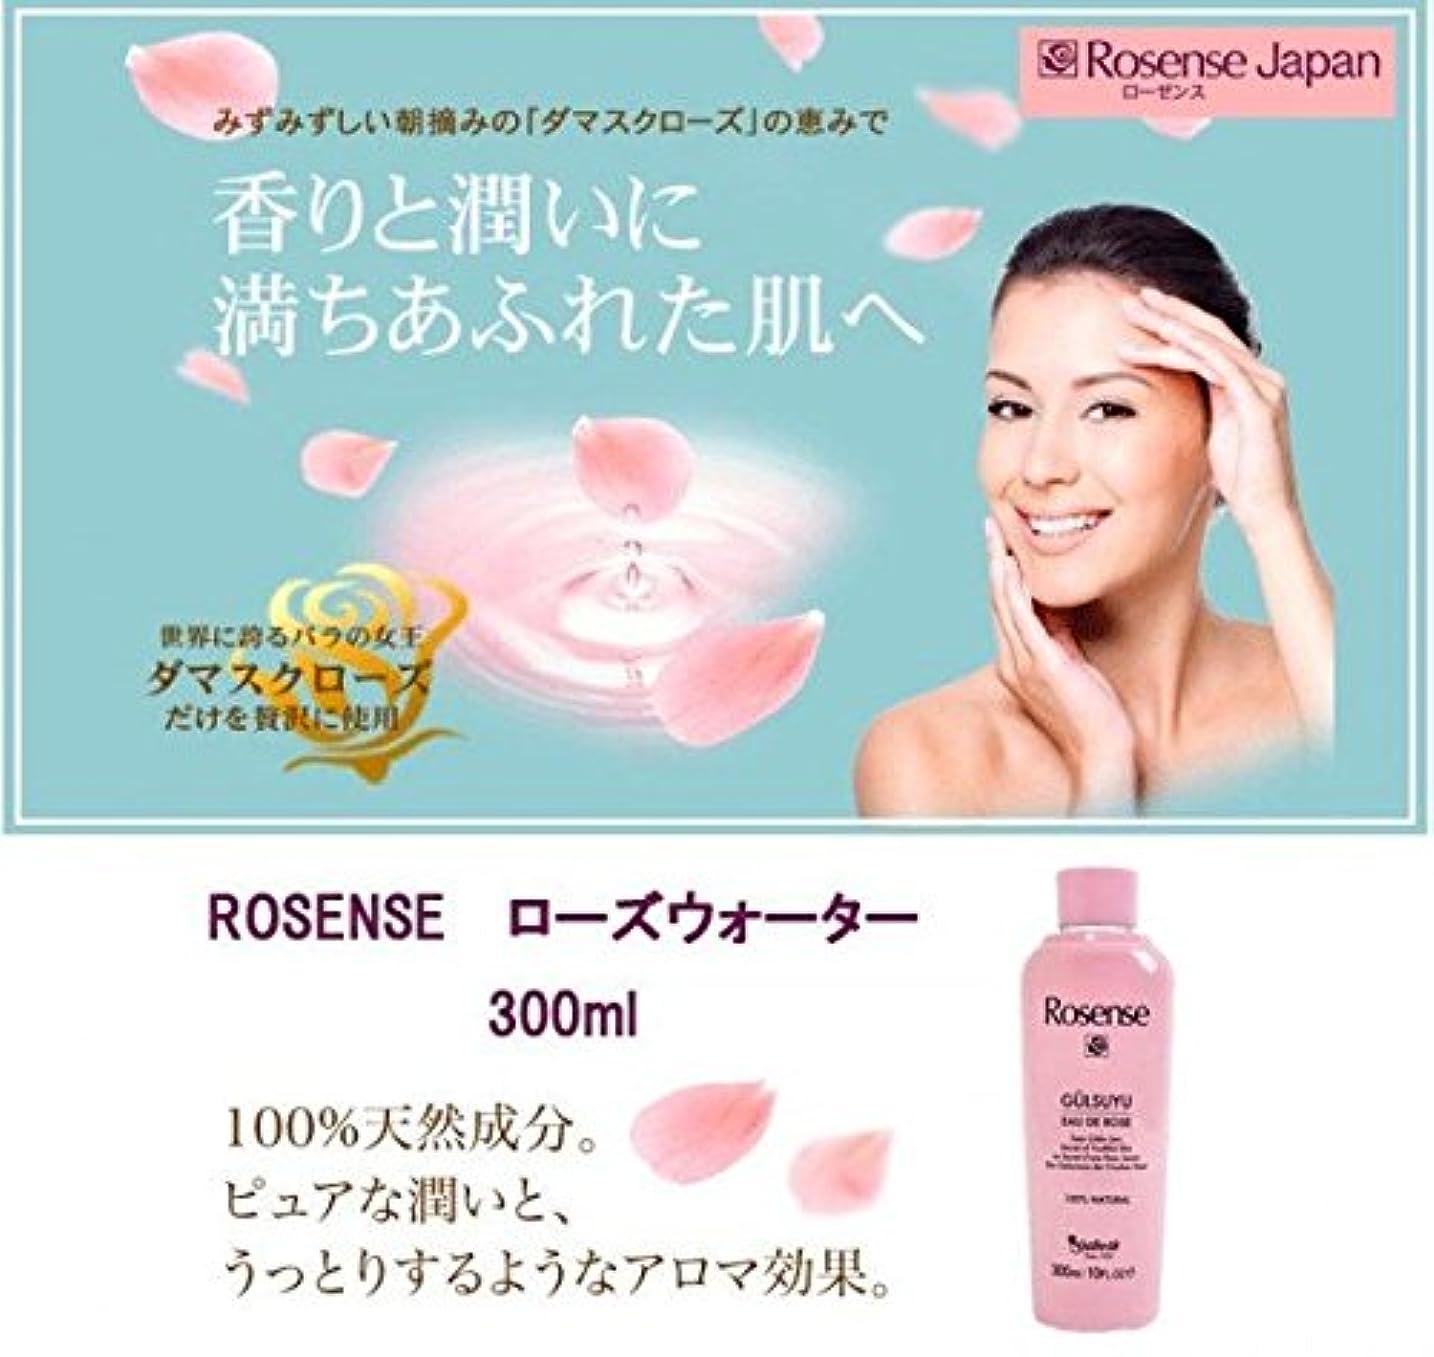 スタックテザー間違いなくROSENSE ローズウォーター 300ml バラの芳醇な香りに包まれながら お肌を整えます